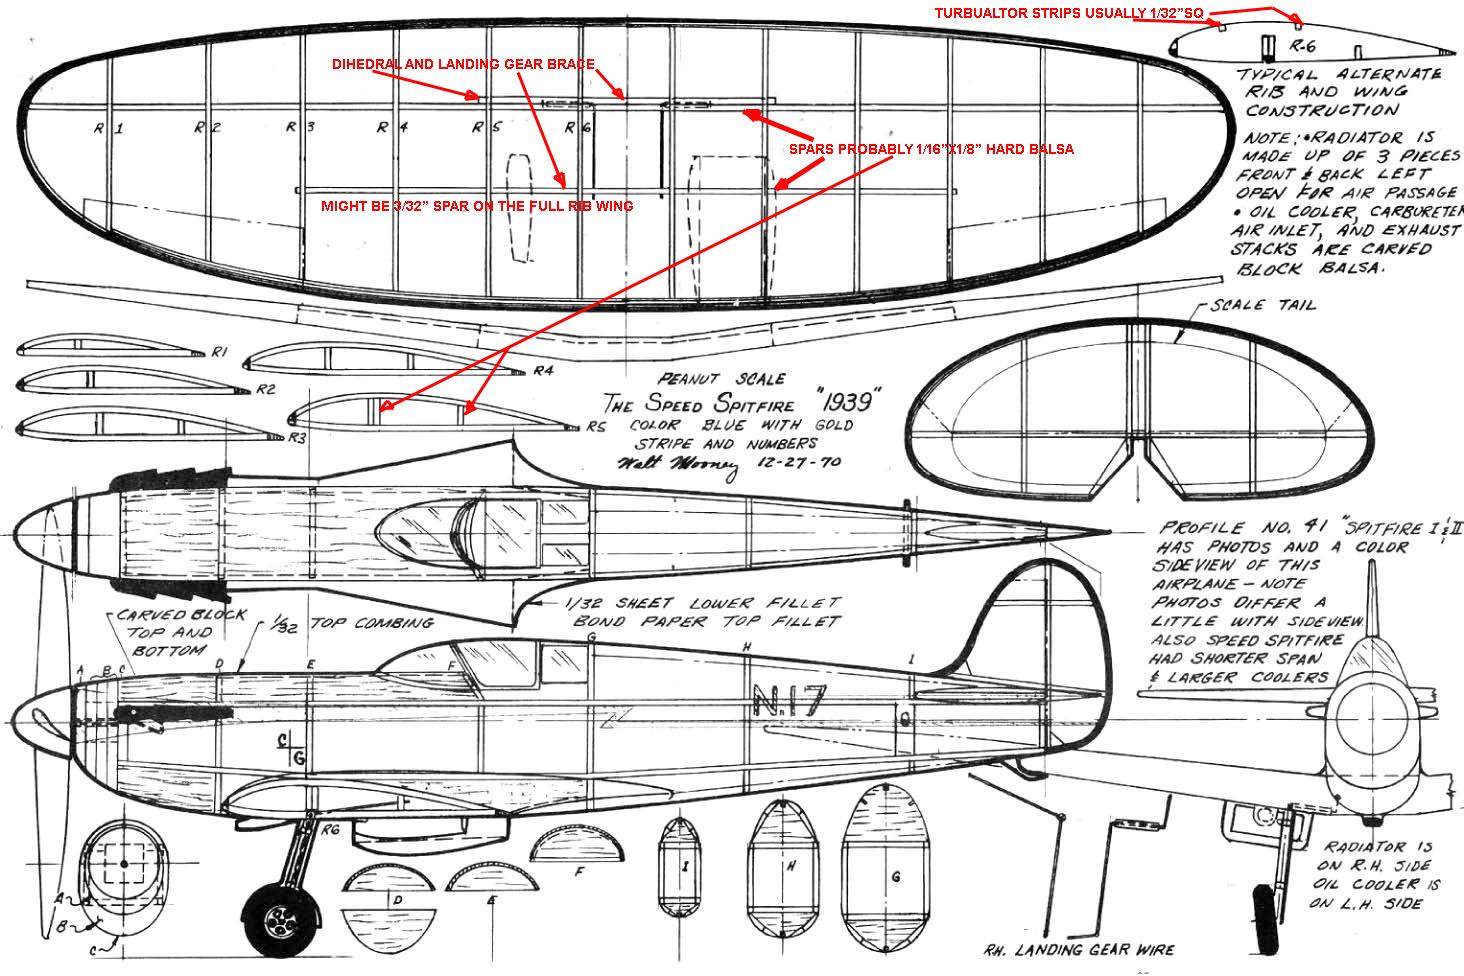 speed-spitfire-1.jpg